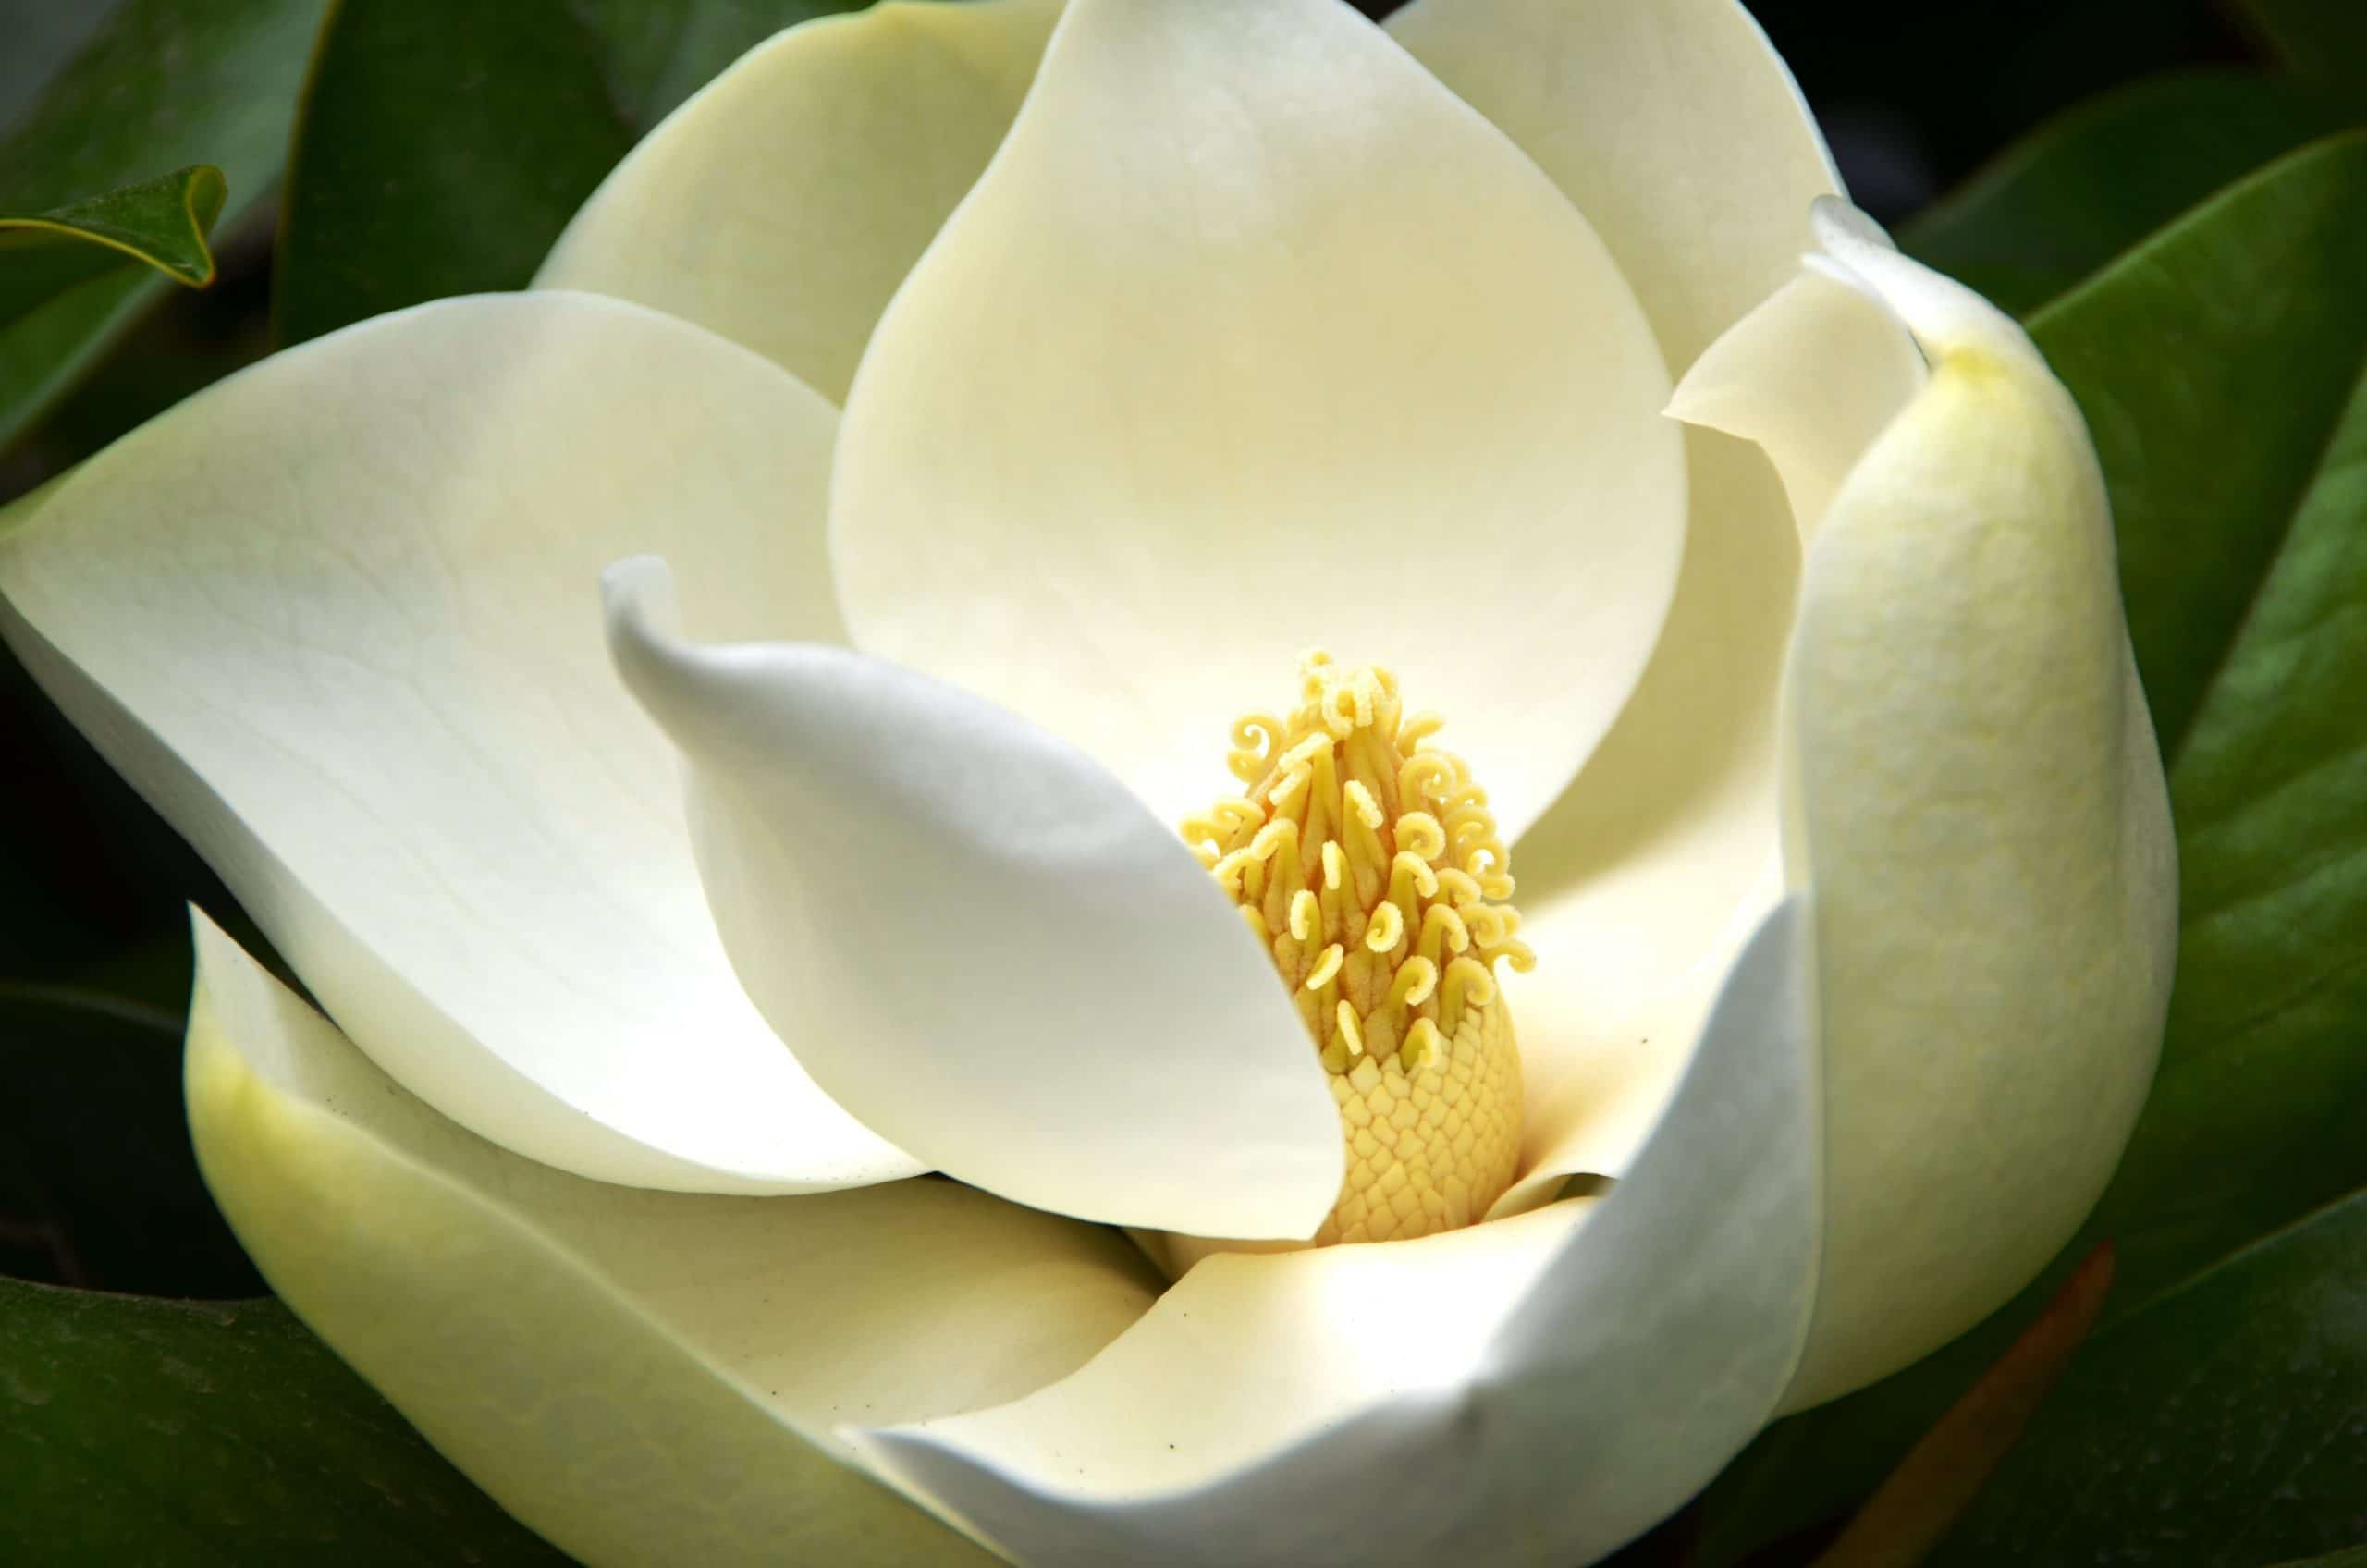 Magnolia grandiflora for Espectaculo que resulta muy aburrido crucigrama